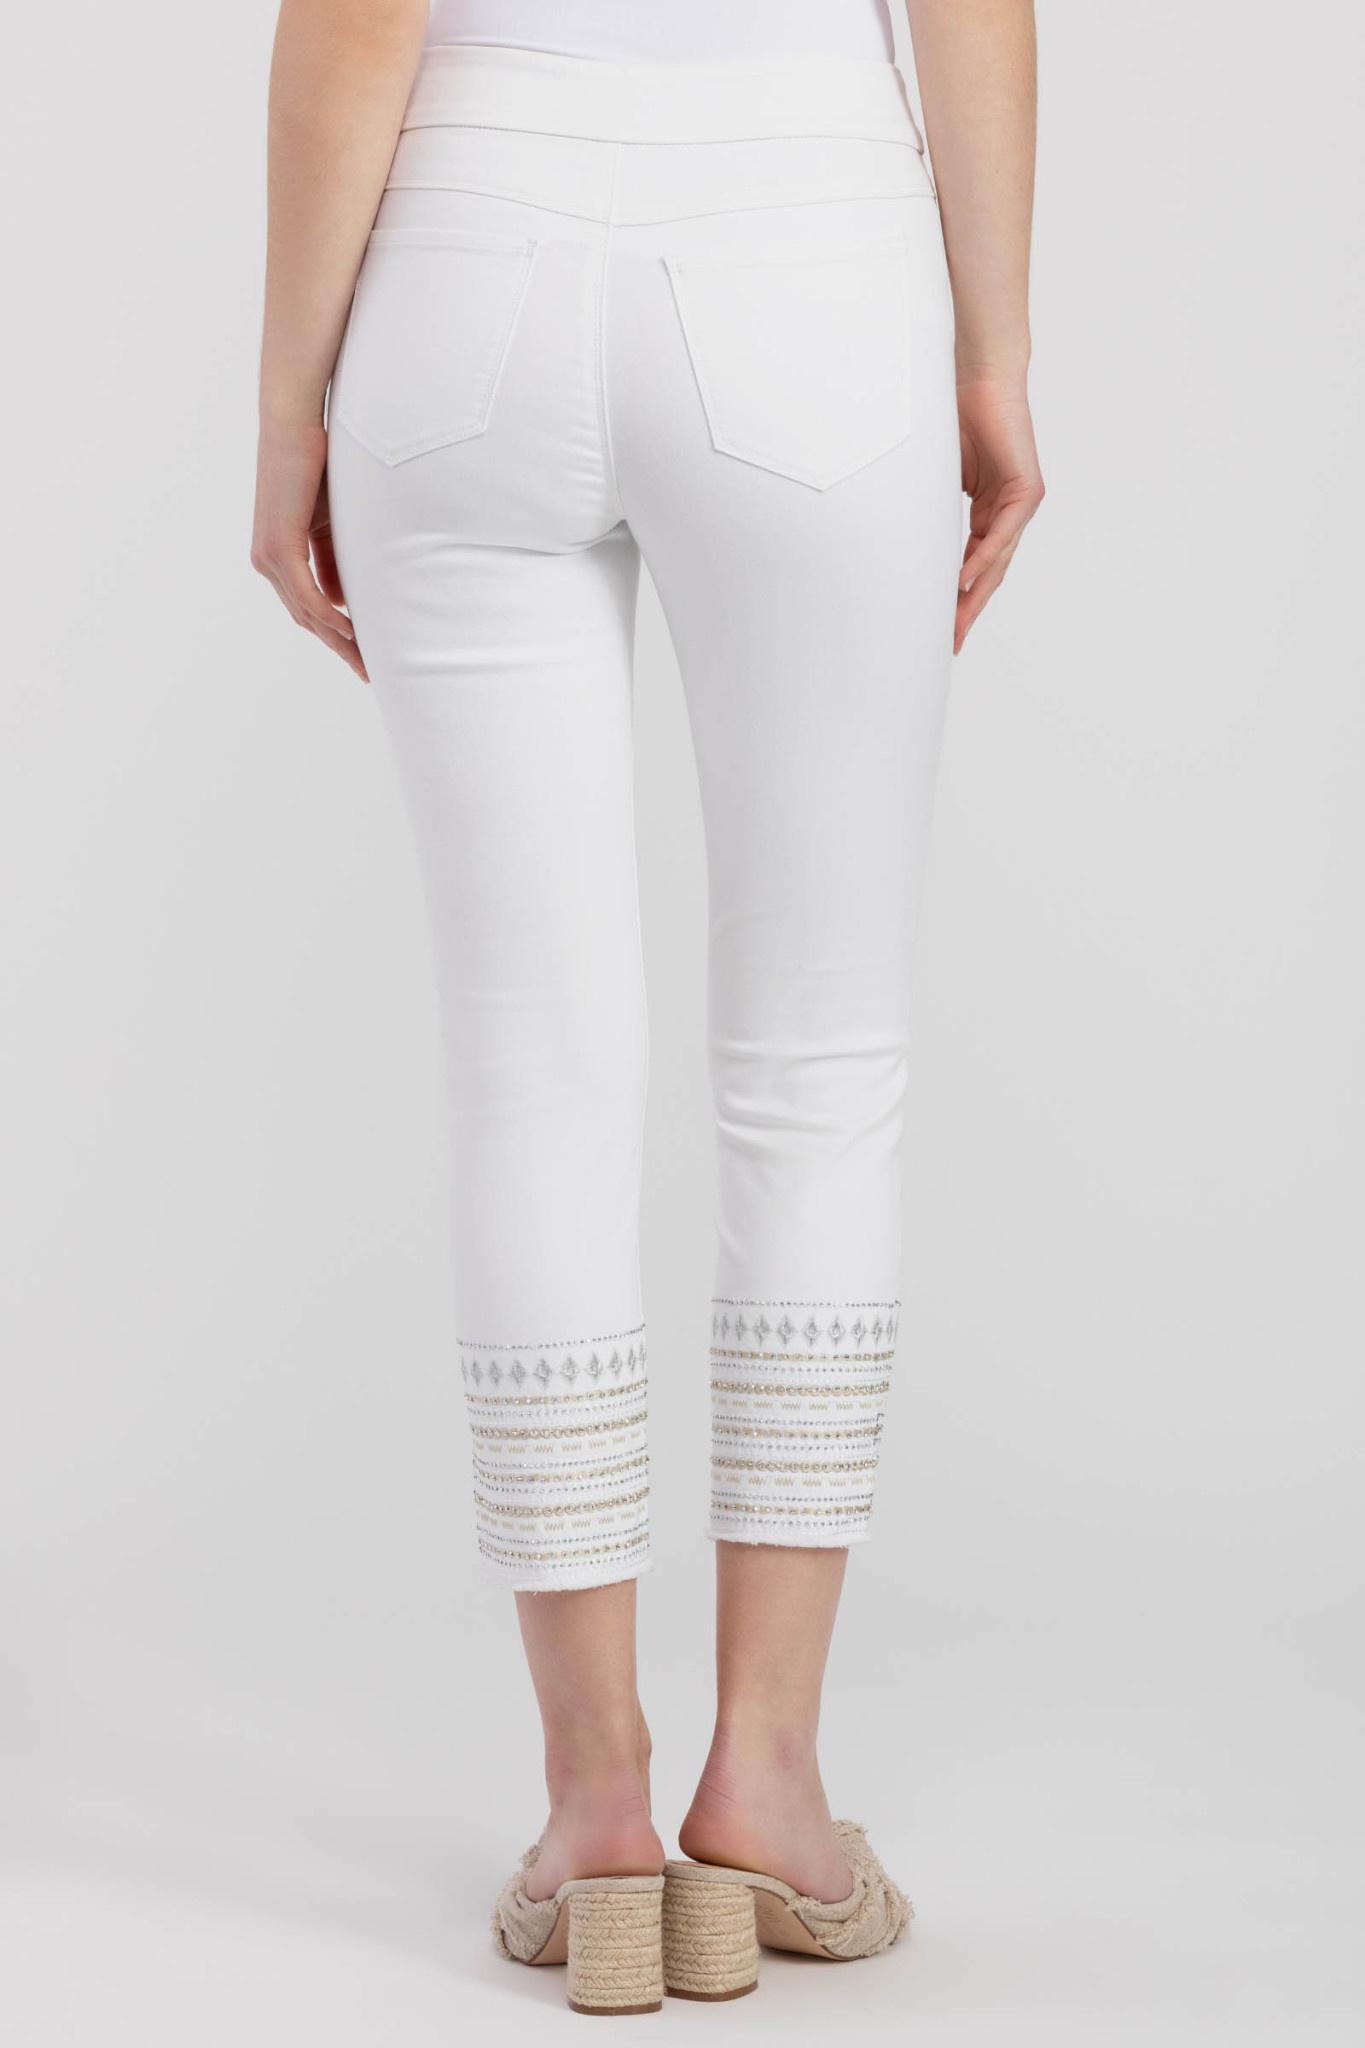 Embellished Hem Jeans